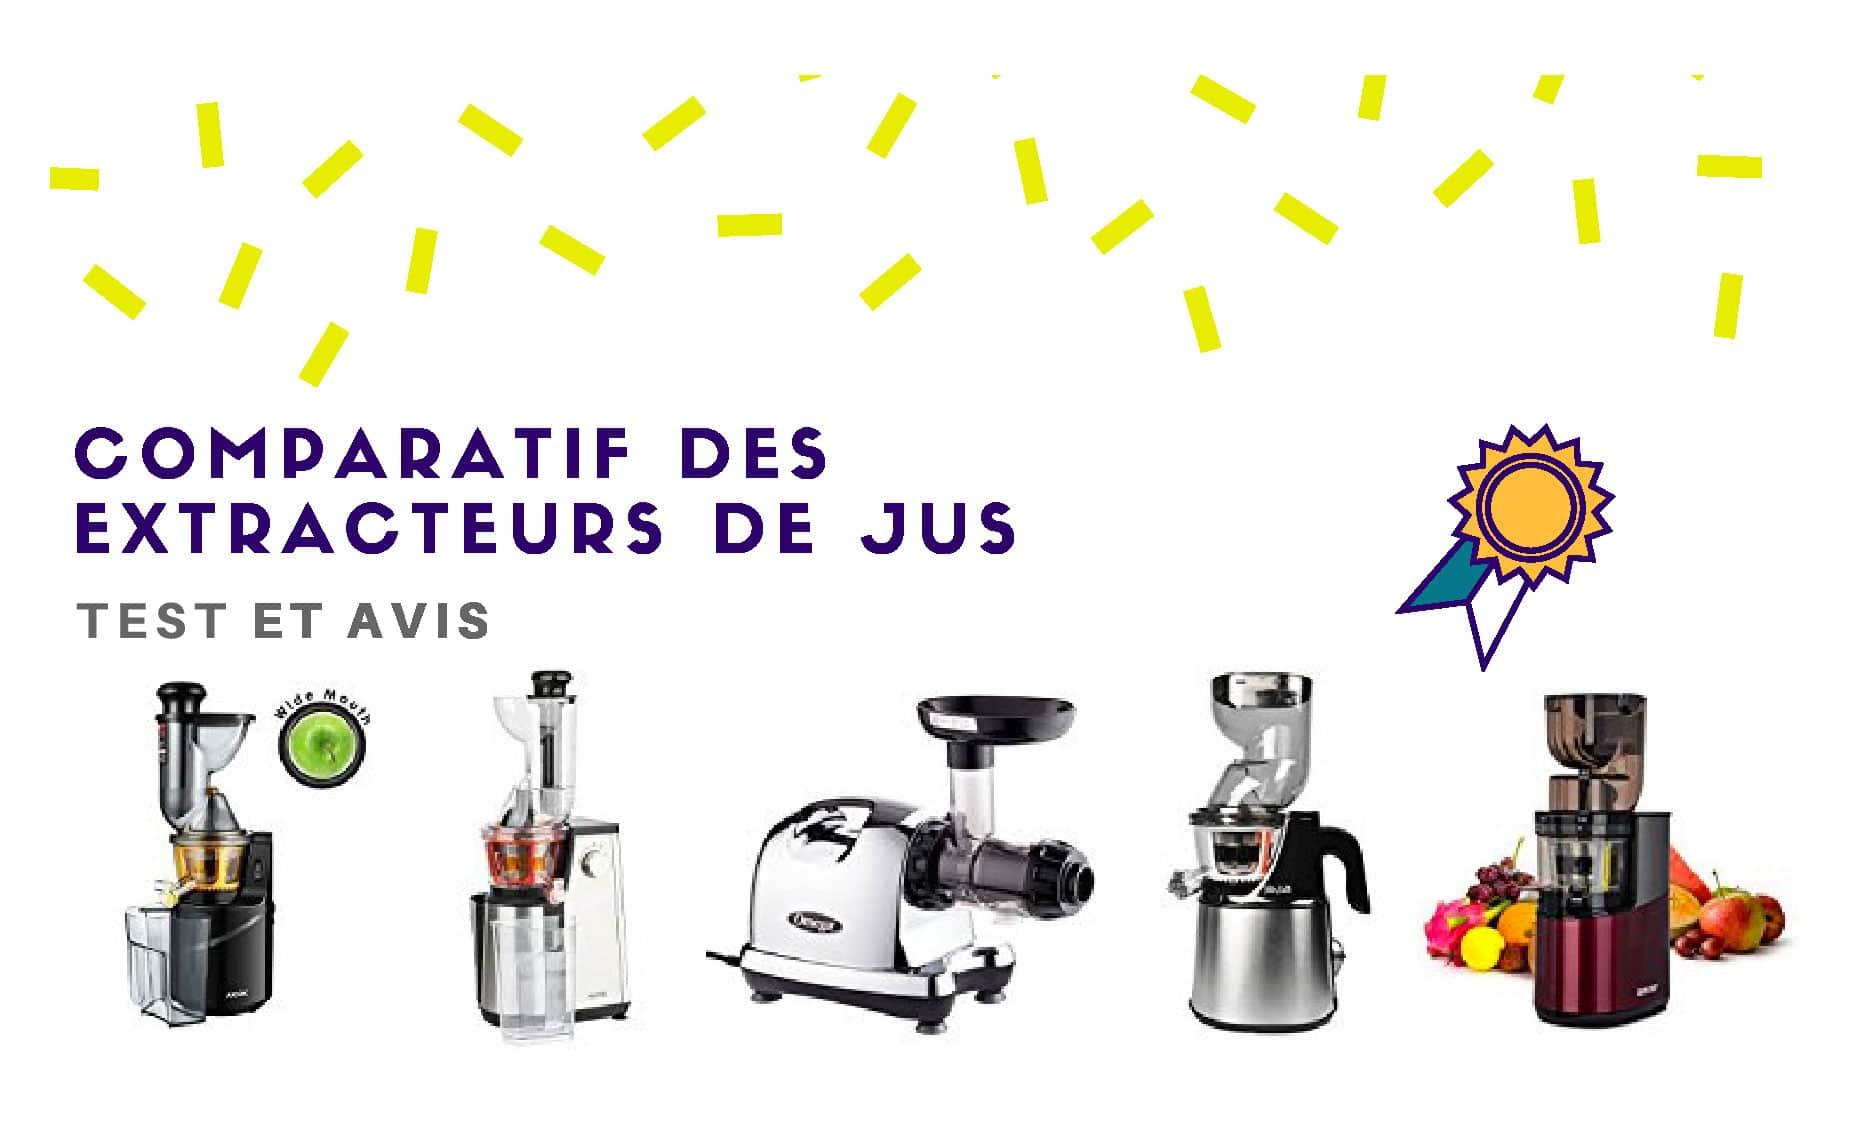 Extracteur de jus Magimix Avis : Comparatif des meilleurs